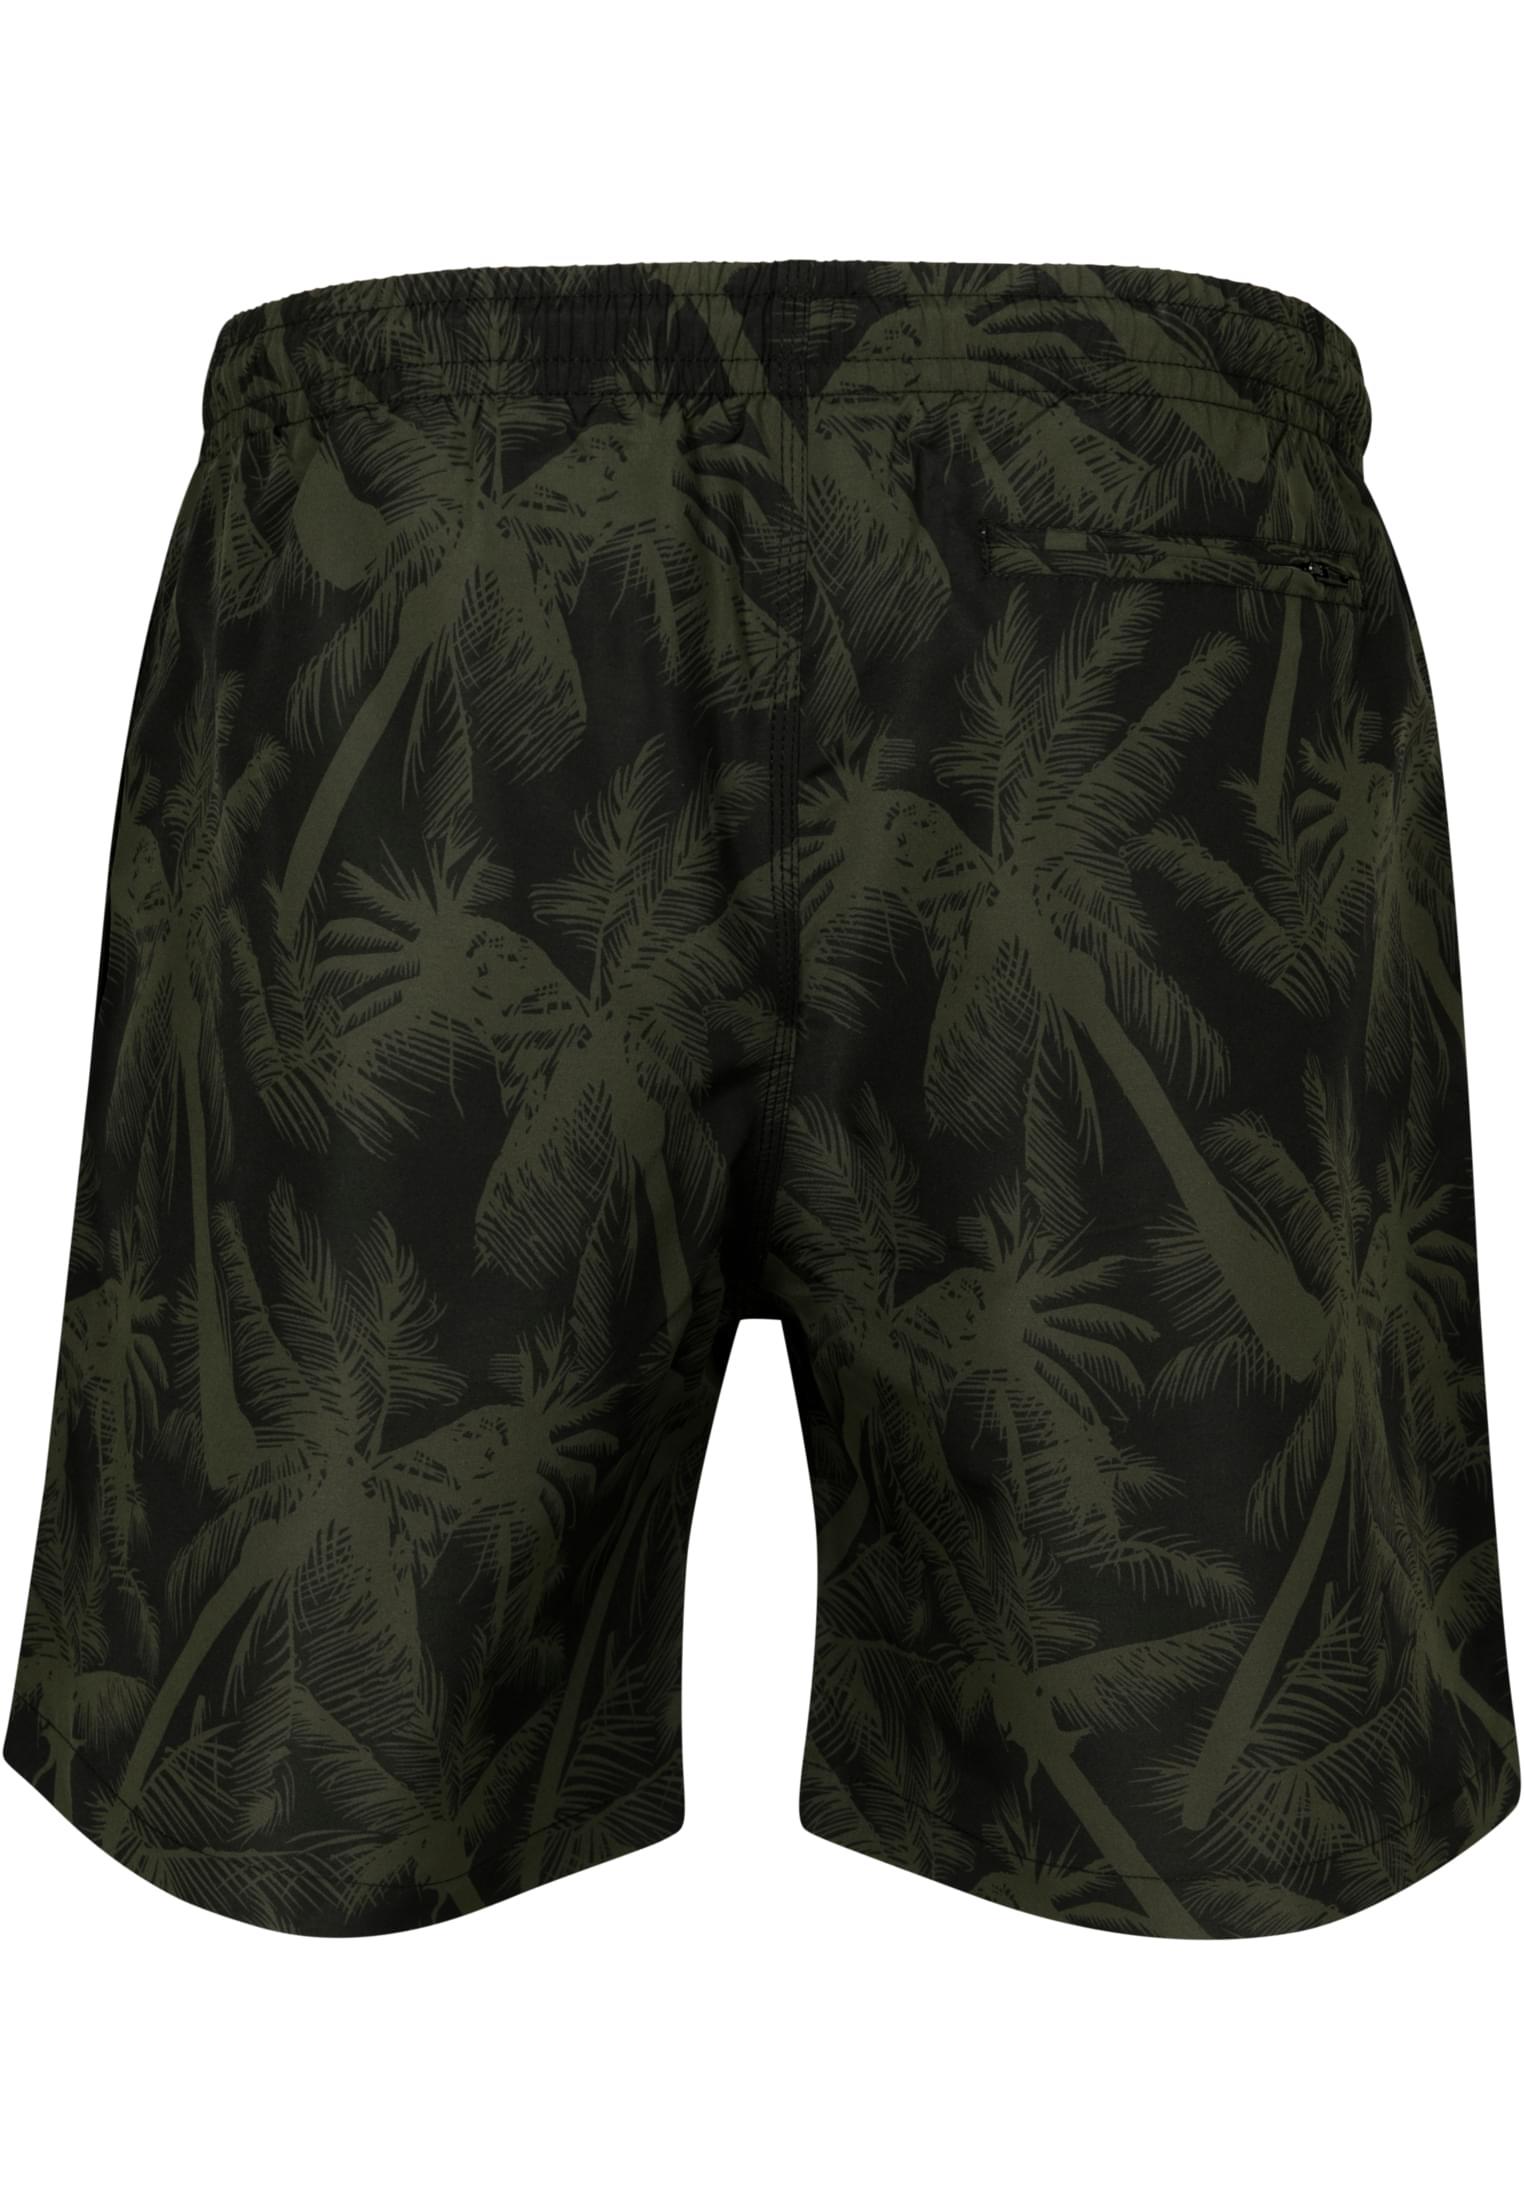 Urban Classics Hommes Maillot Bain secondé dévoile Pattern Swim Shorts